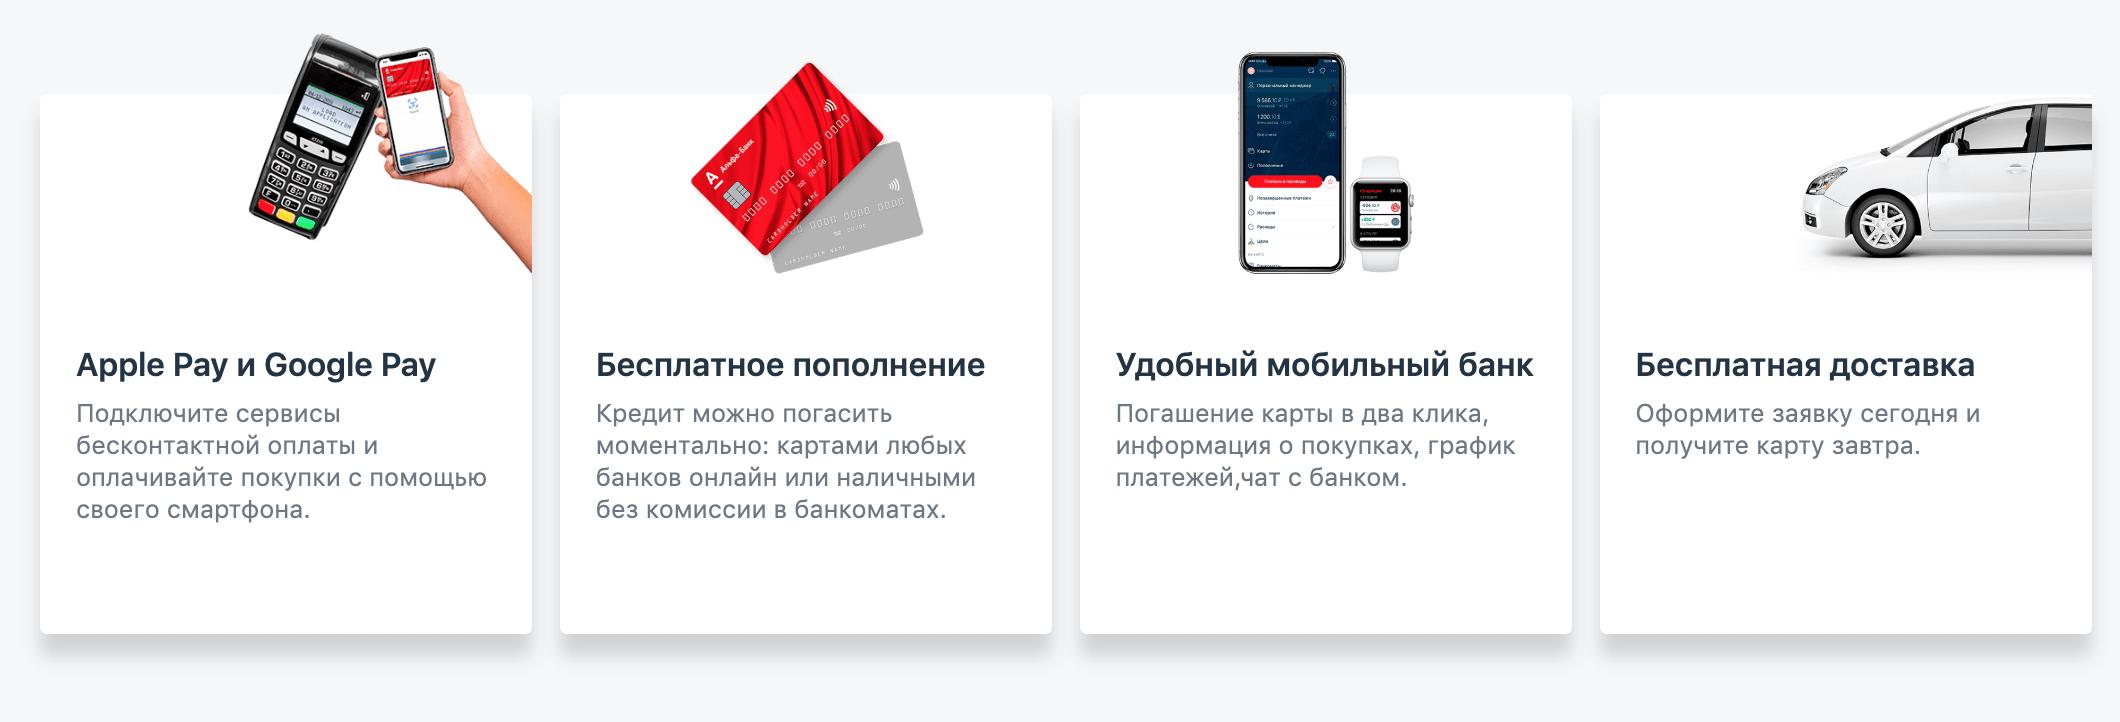 Заказать кредитную карту «100 дней без процентов» от Альфа-Банка Кредитный лимит до 1 000 000 руб Беспроцентный период – 100 дней на.